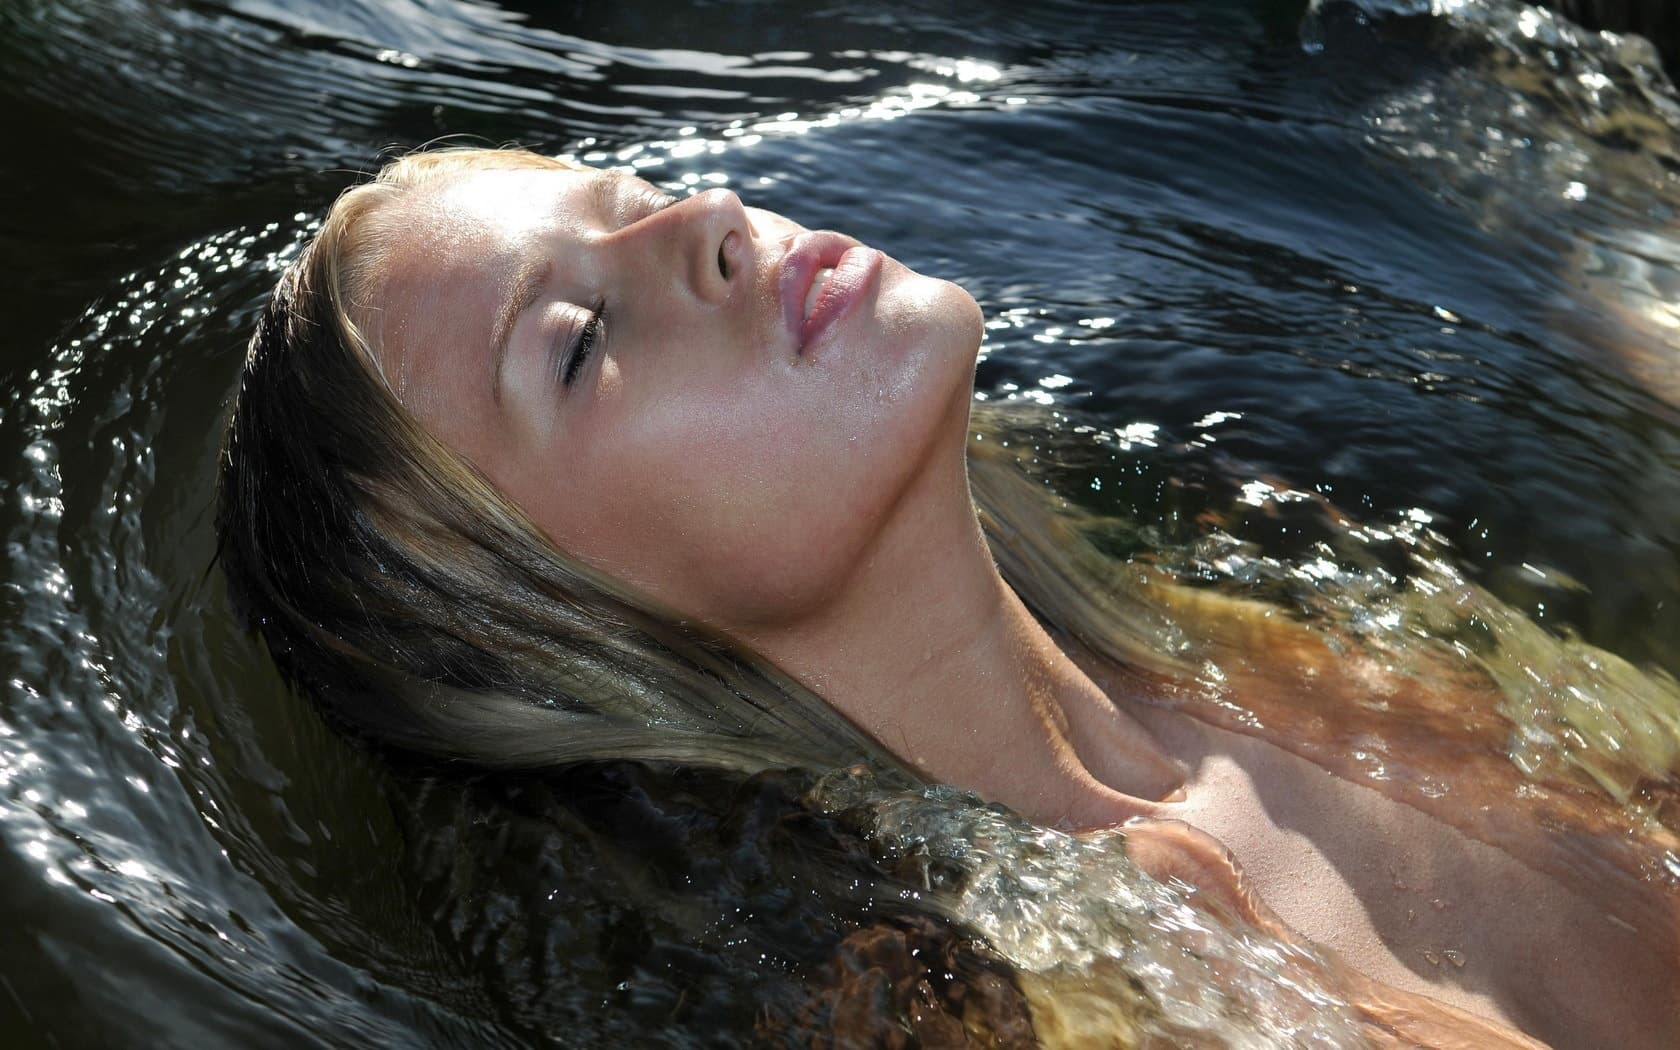 Плавать в реке или озере во время месячных не очень безопасно